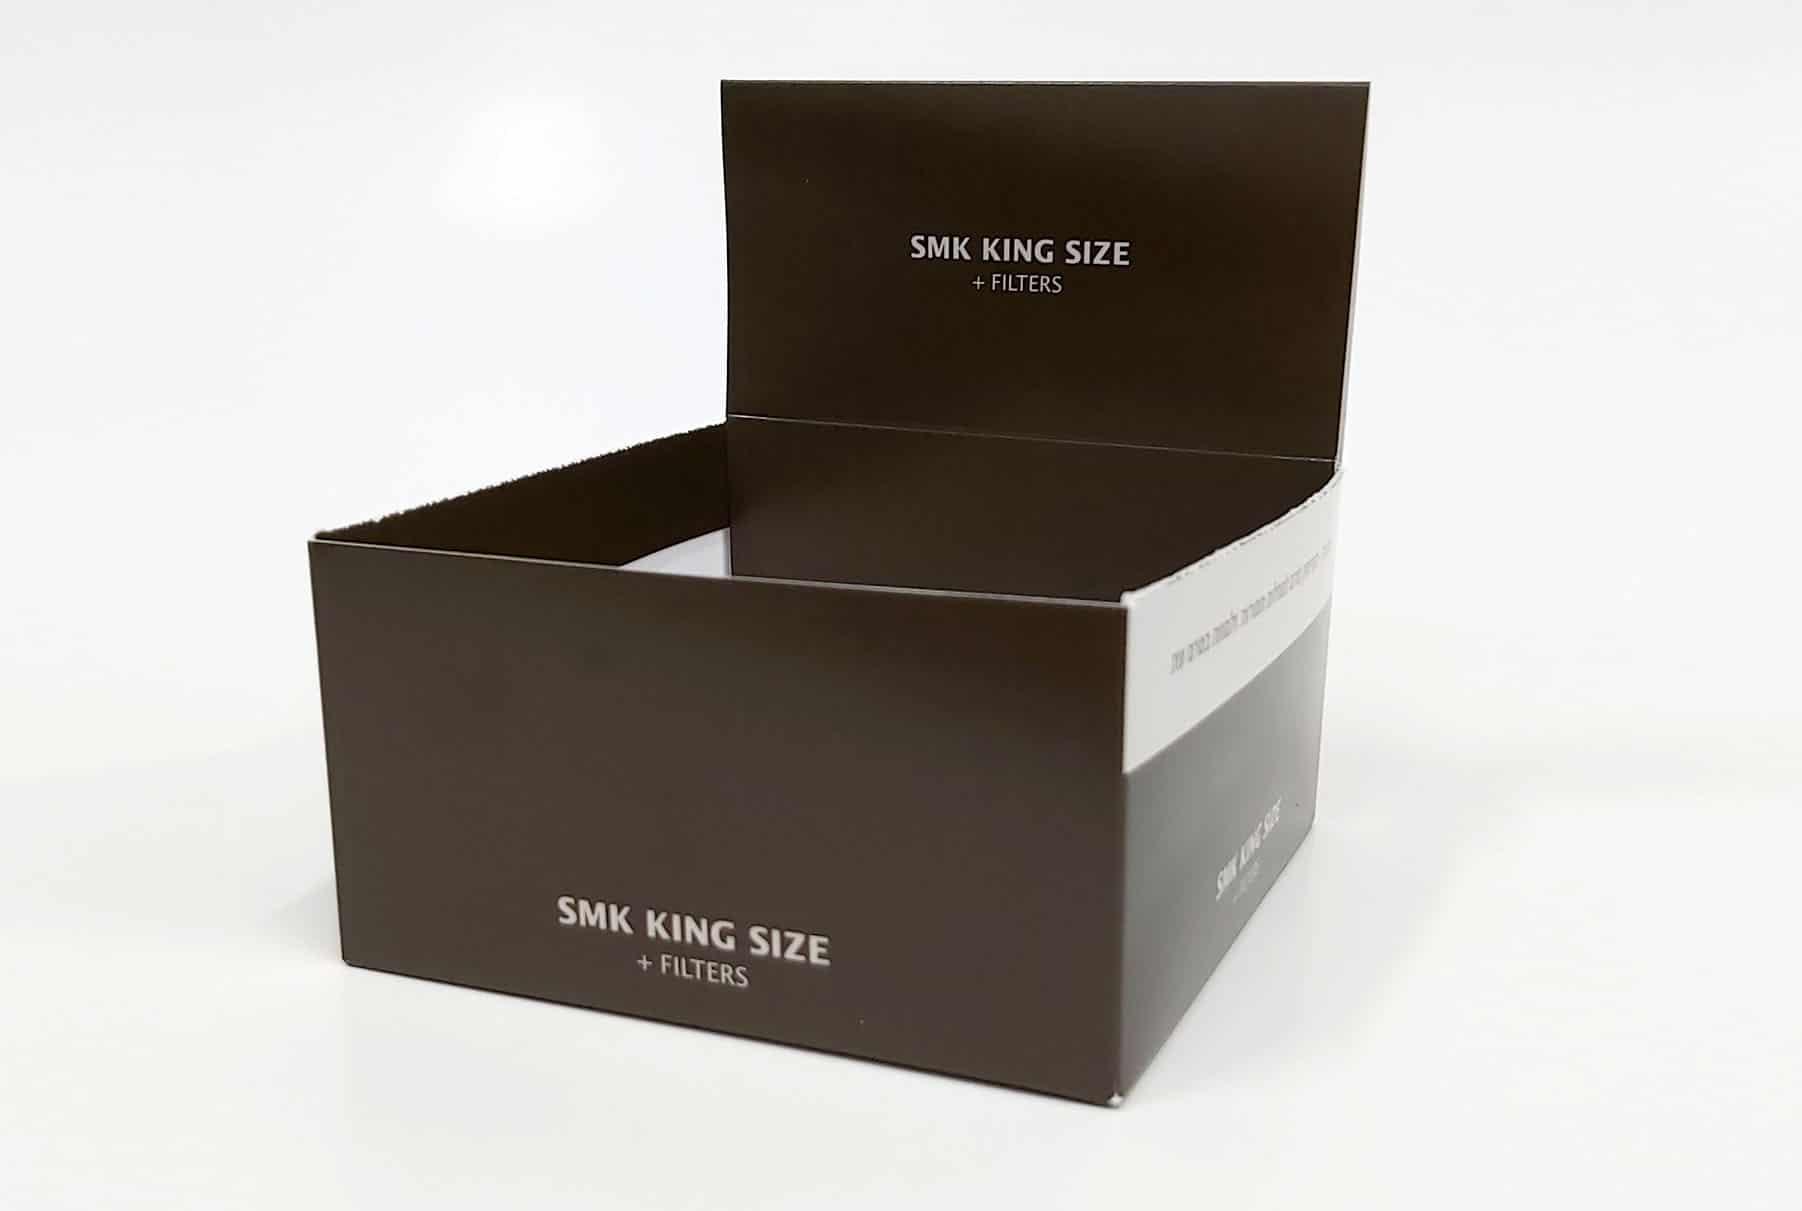 מארז בצבע שחור, כתב לבן, קשיח מקרטון דחוס נוצר במפעלי פאר פרינט